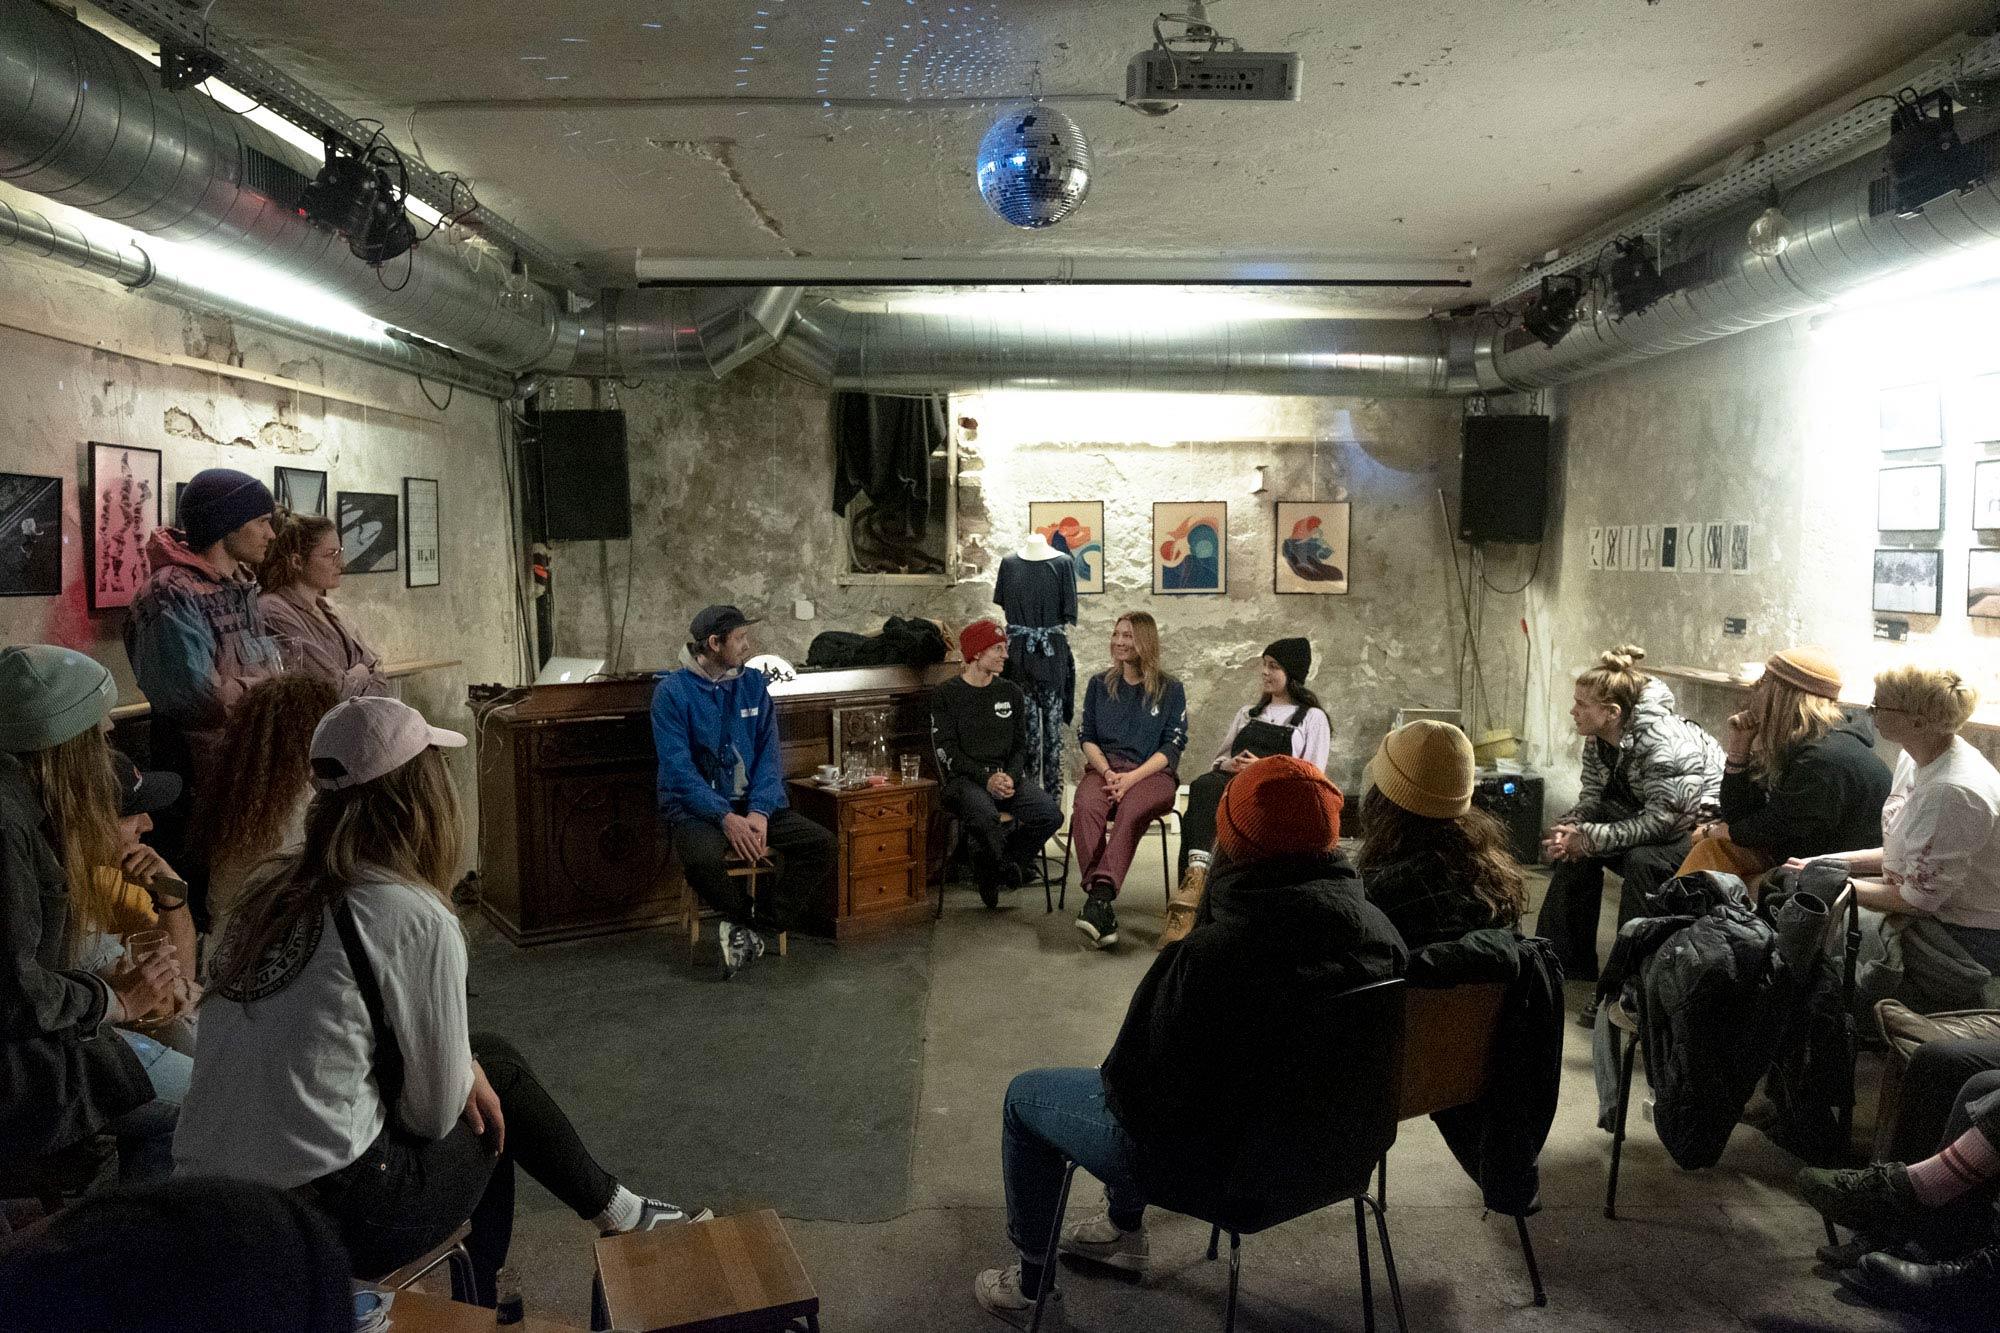 Neben der On Snow Action standen auch eine Reihe von Gesprächsrunden auf dem Programm der Slay Days 2020. - Foto: Sonia Ziegler